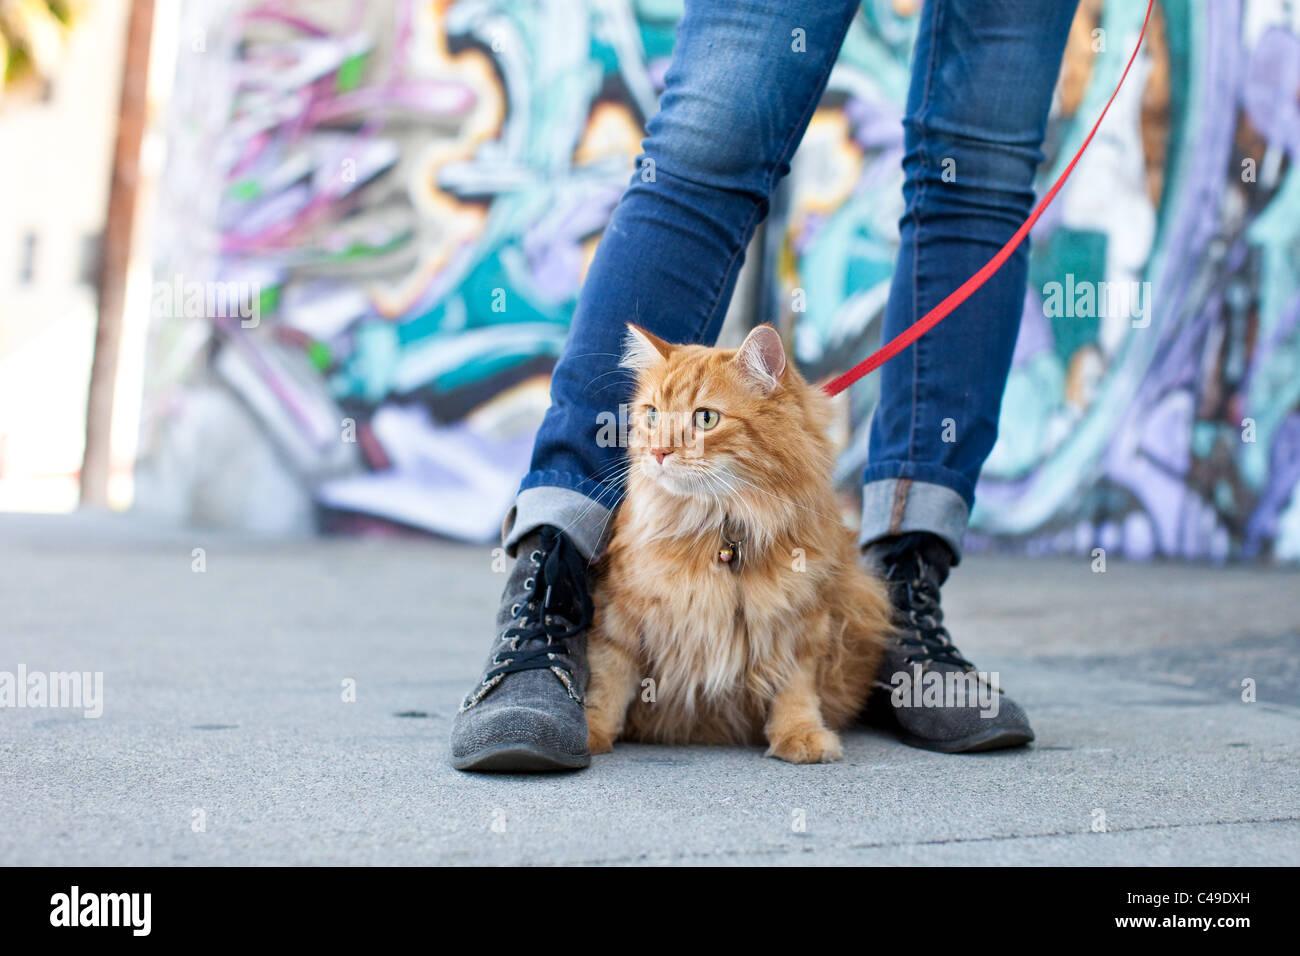 Un pequeño gato naranja longhaired en un arnés y correa sentado entre los pies de su dueño en un barrio urbano de Foto de stock